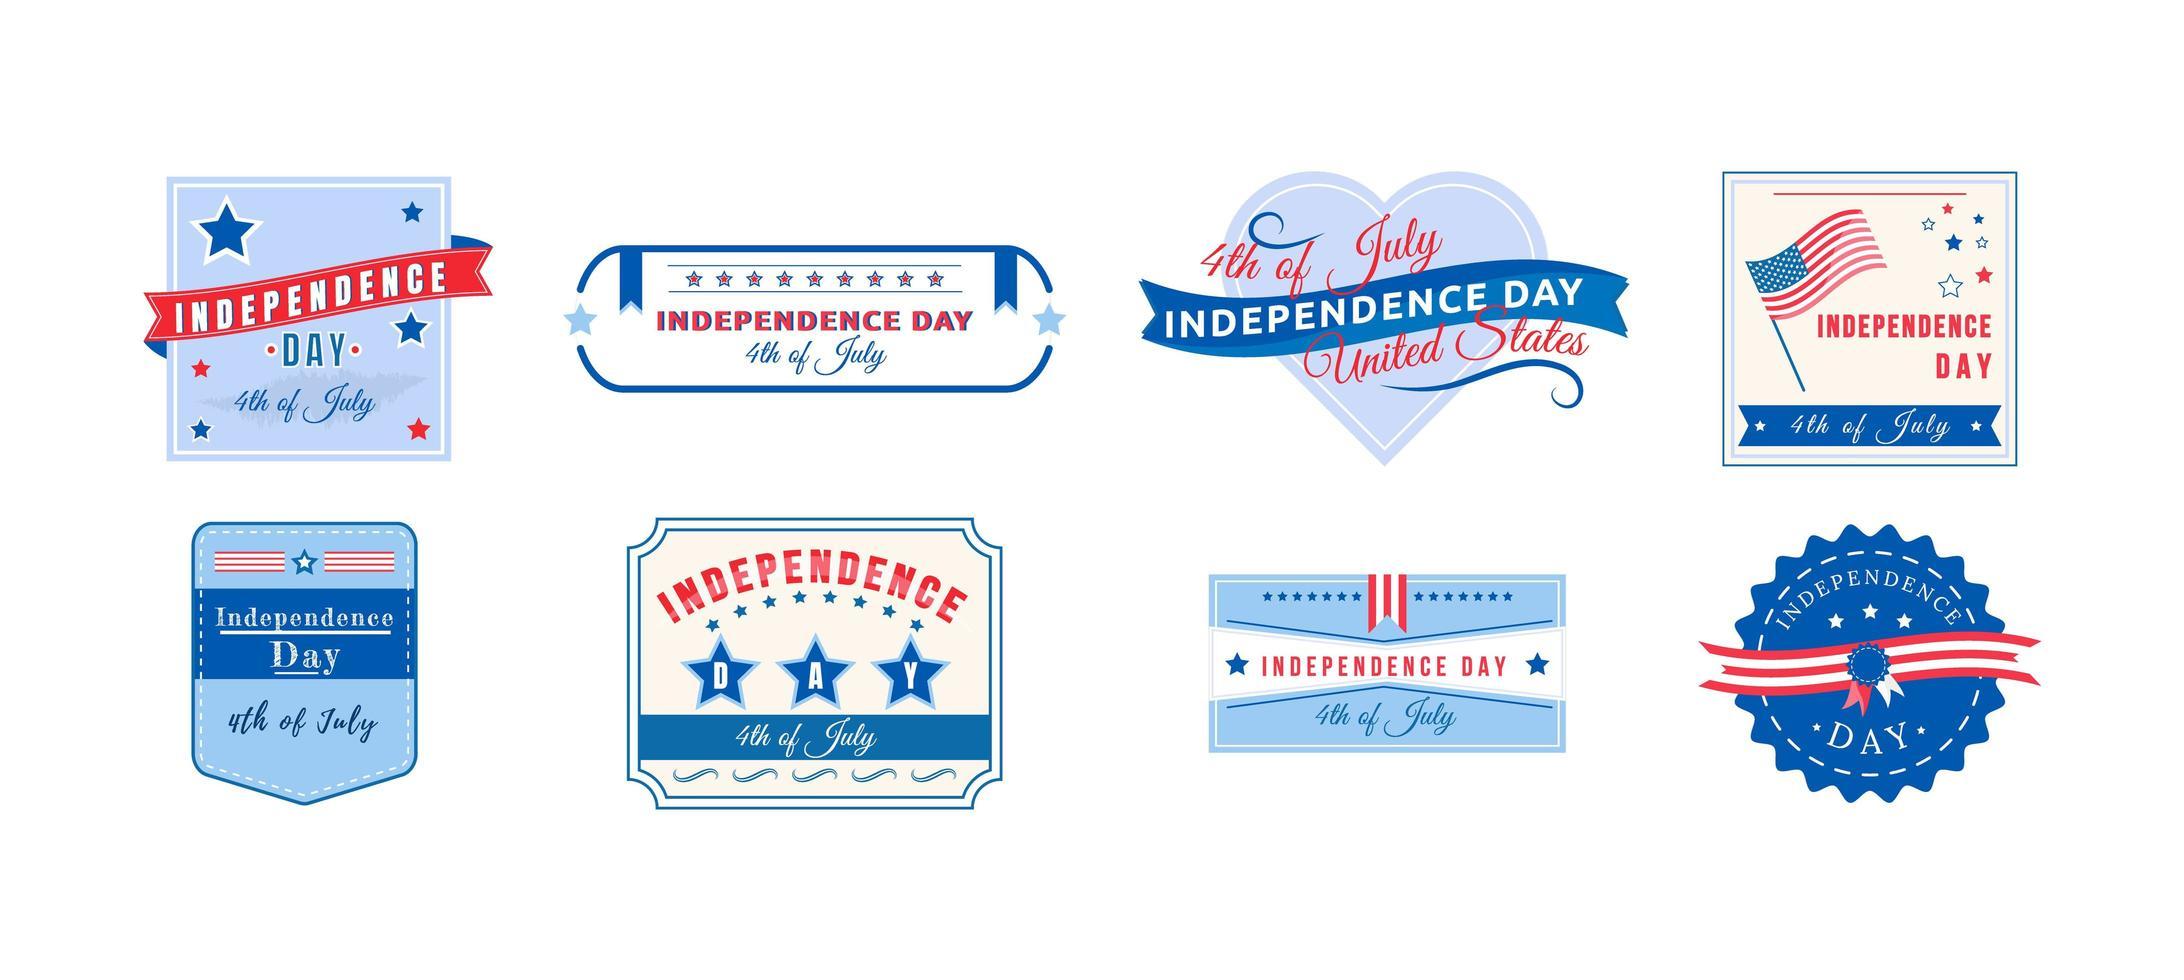 Amerikaanse onafhankelijkheidsvakantiebadges instellen vector